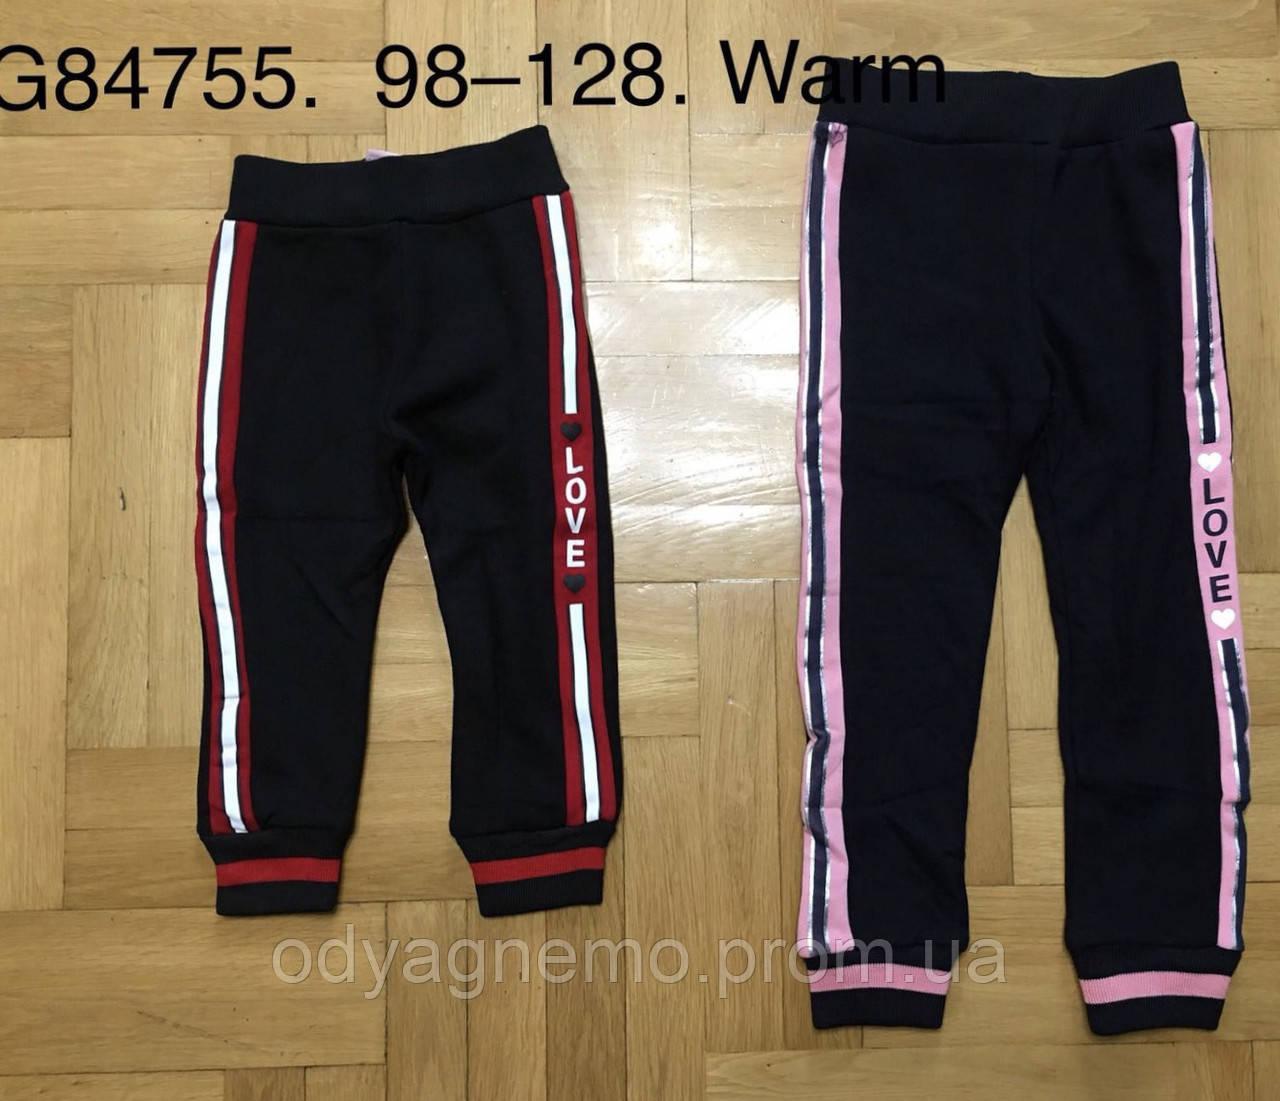 Спортивные брюки утепленные для девочек Grace оптом, 98-128 рр. Артикул: G84755